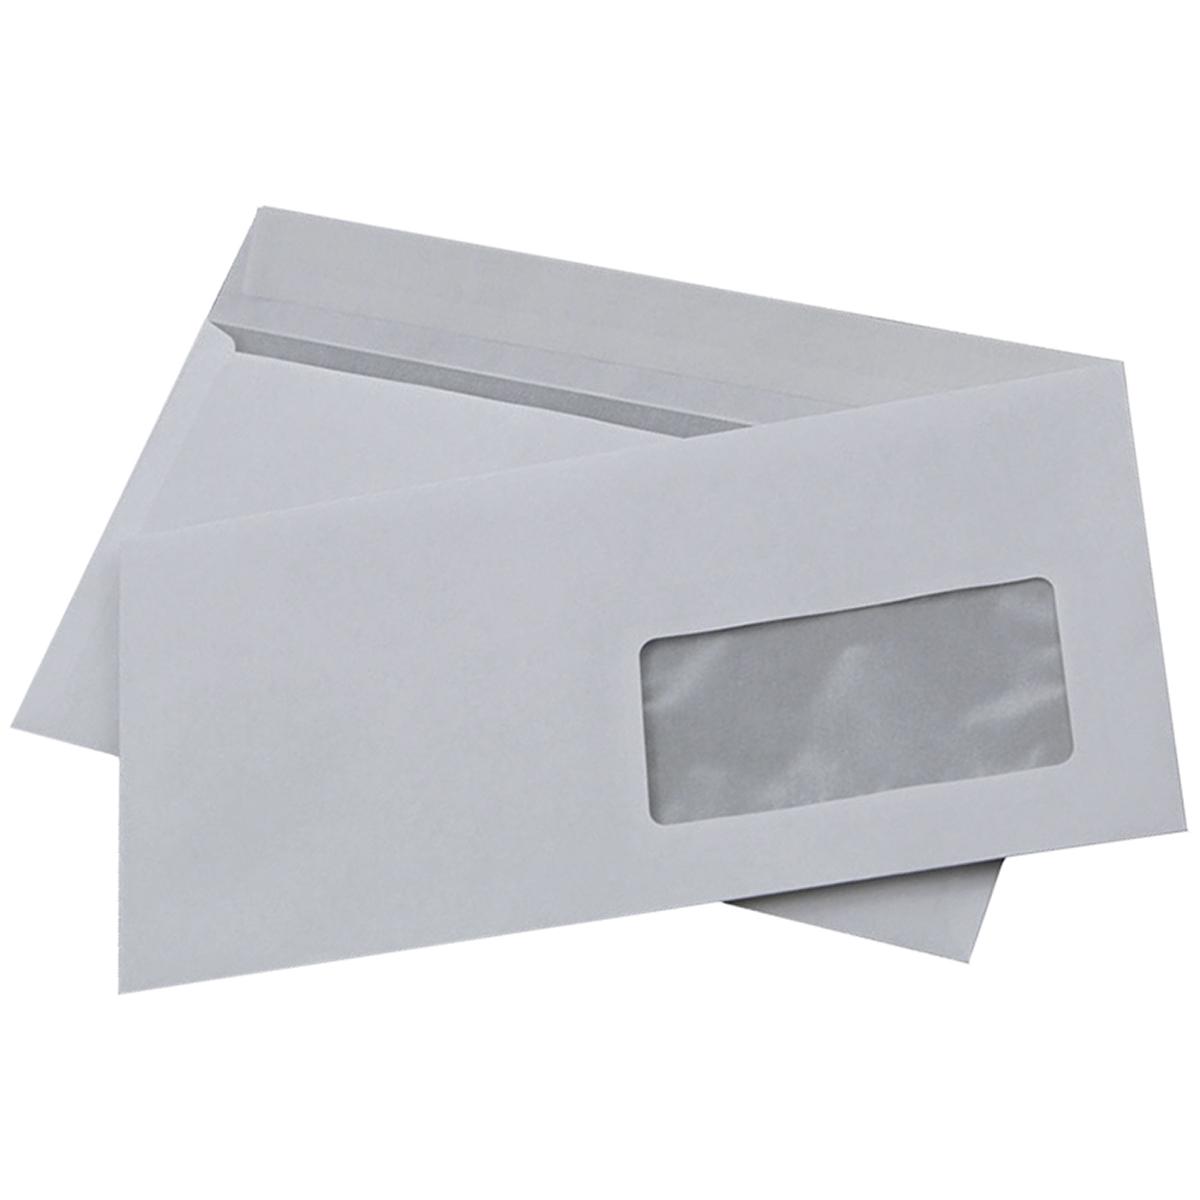 Конверт E65 200 шт 70203.20070203.200Почтовый конверт формата E65 из белой офсетной бумаги с прозрачным окном. Предназначен для почтовых отправлений. Внутри -серая запечатка